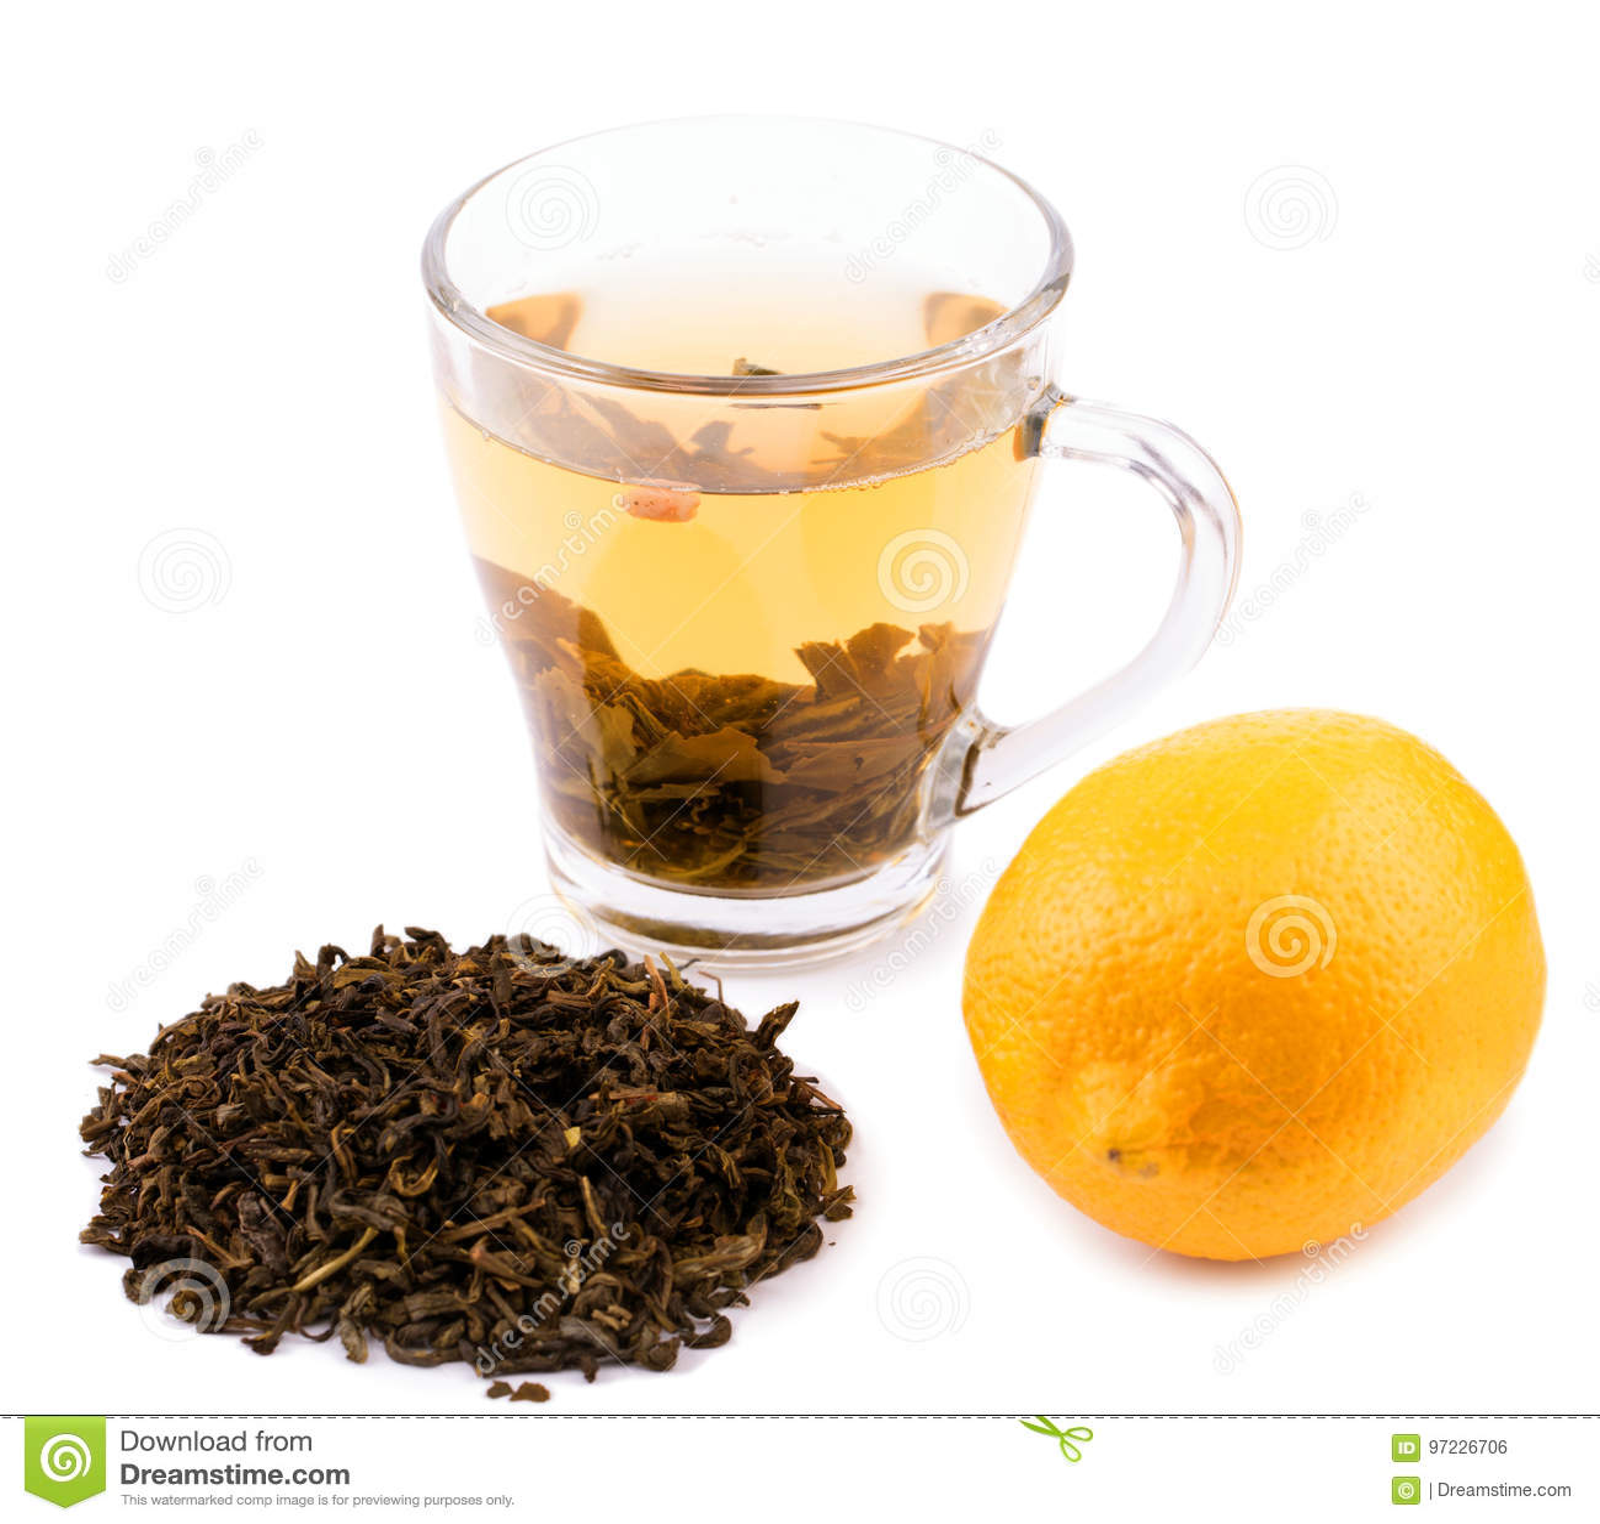 Um copo de vidro completo do chá verde A tea cup isolated on a white background Um copo bonito com as folhas de chá verdes natura